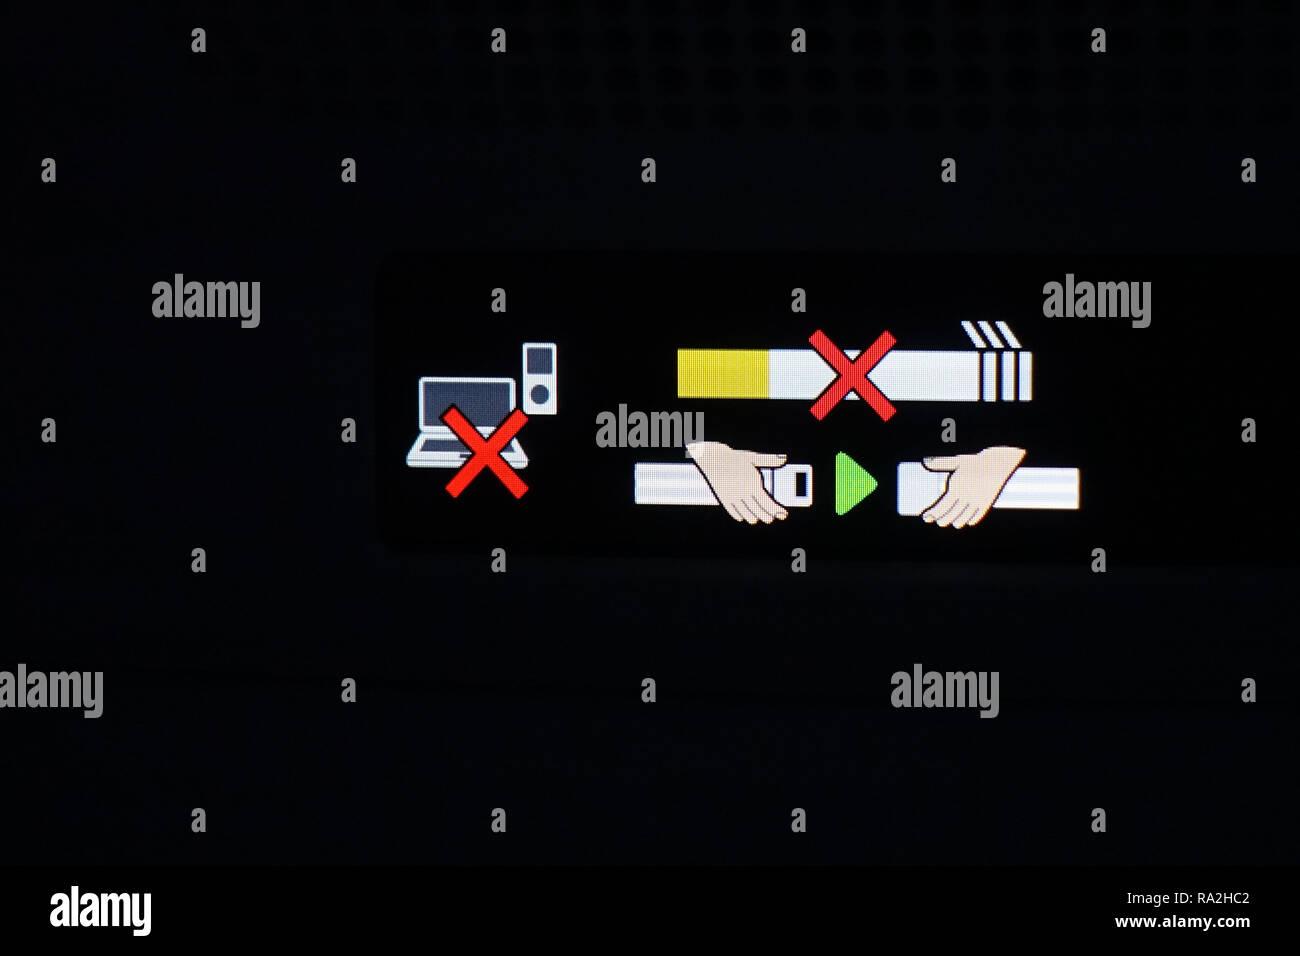 10.12.2017, Hongkong, Hongkong, China, Anschnallzeichen, Laptop- und Handyverbot sowie Nicht-rauchen-Hinweis in einem Flugzeug. 00S171210D032CARO.JPG  - Stock Image